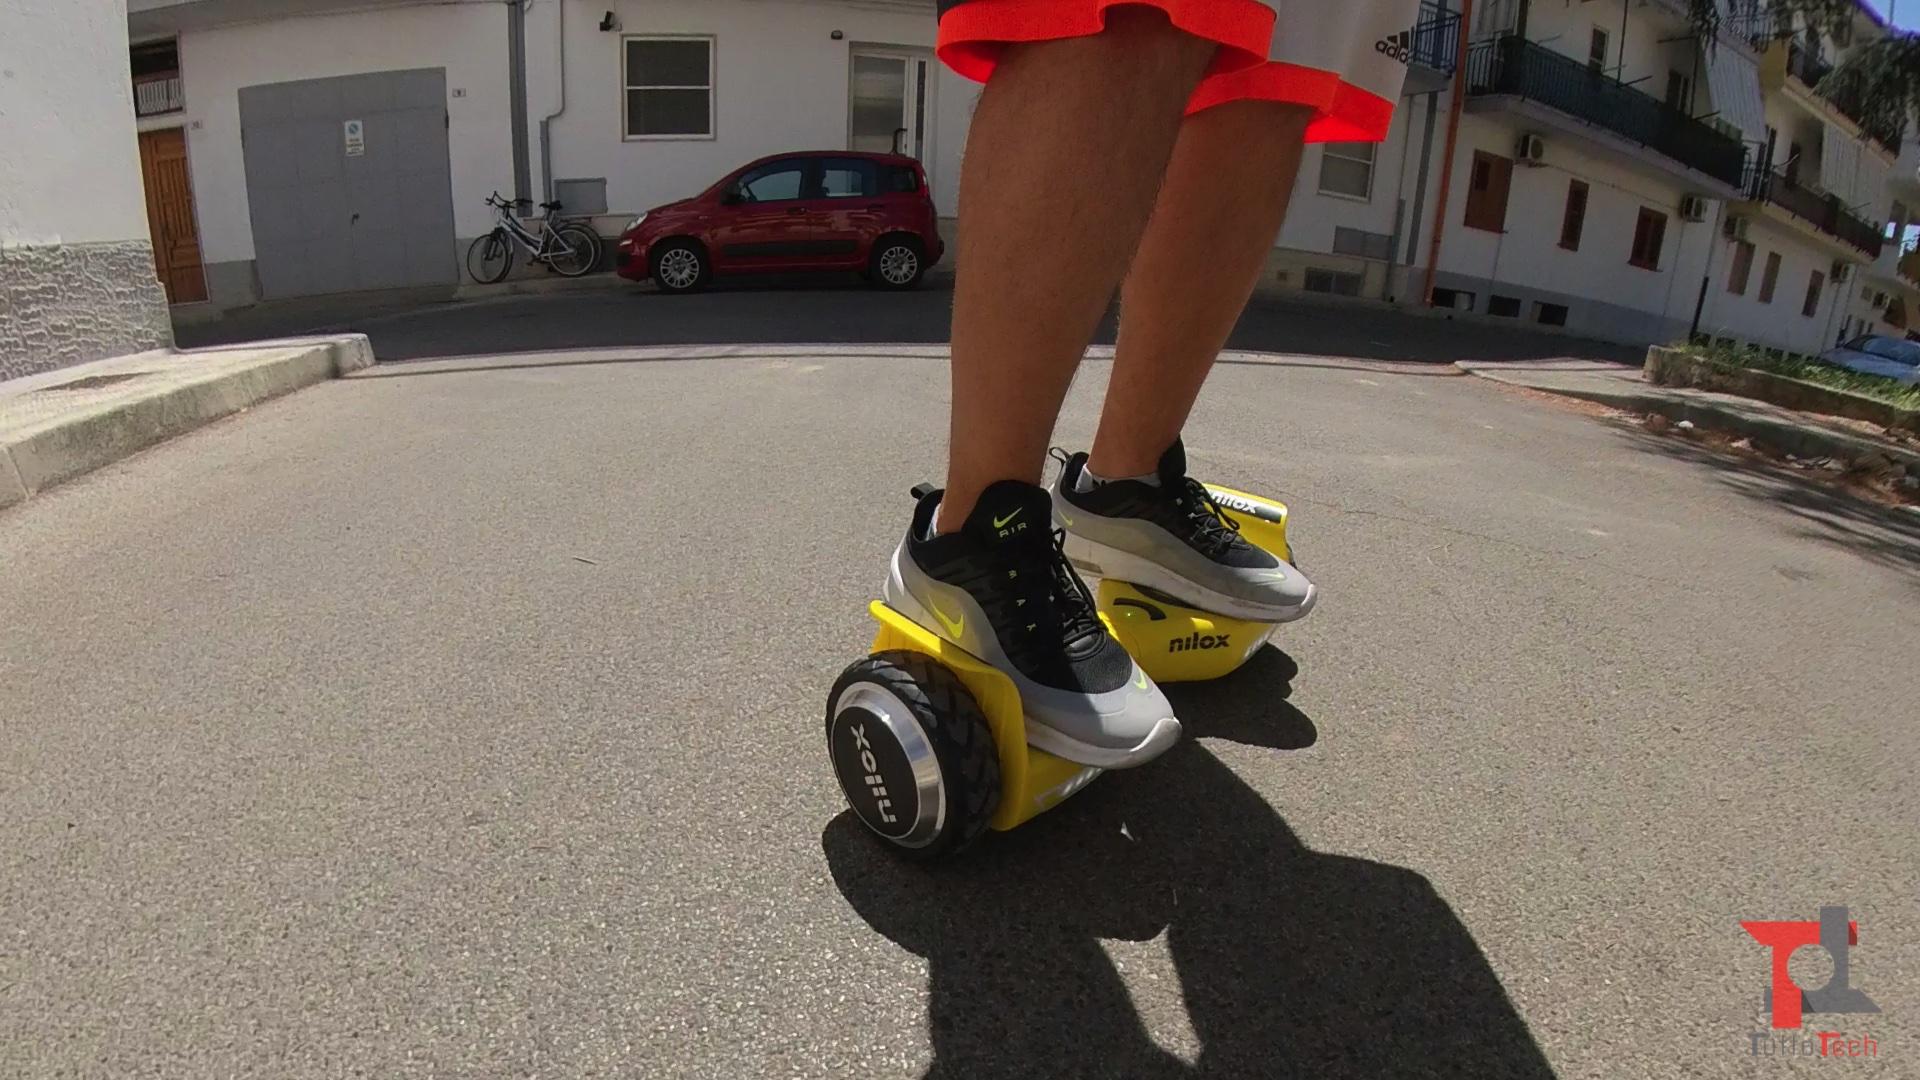 Recensione Nilox Doc 2: un divertente (hoverboard) giocattolo 1